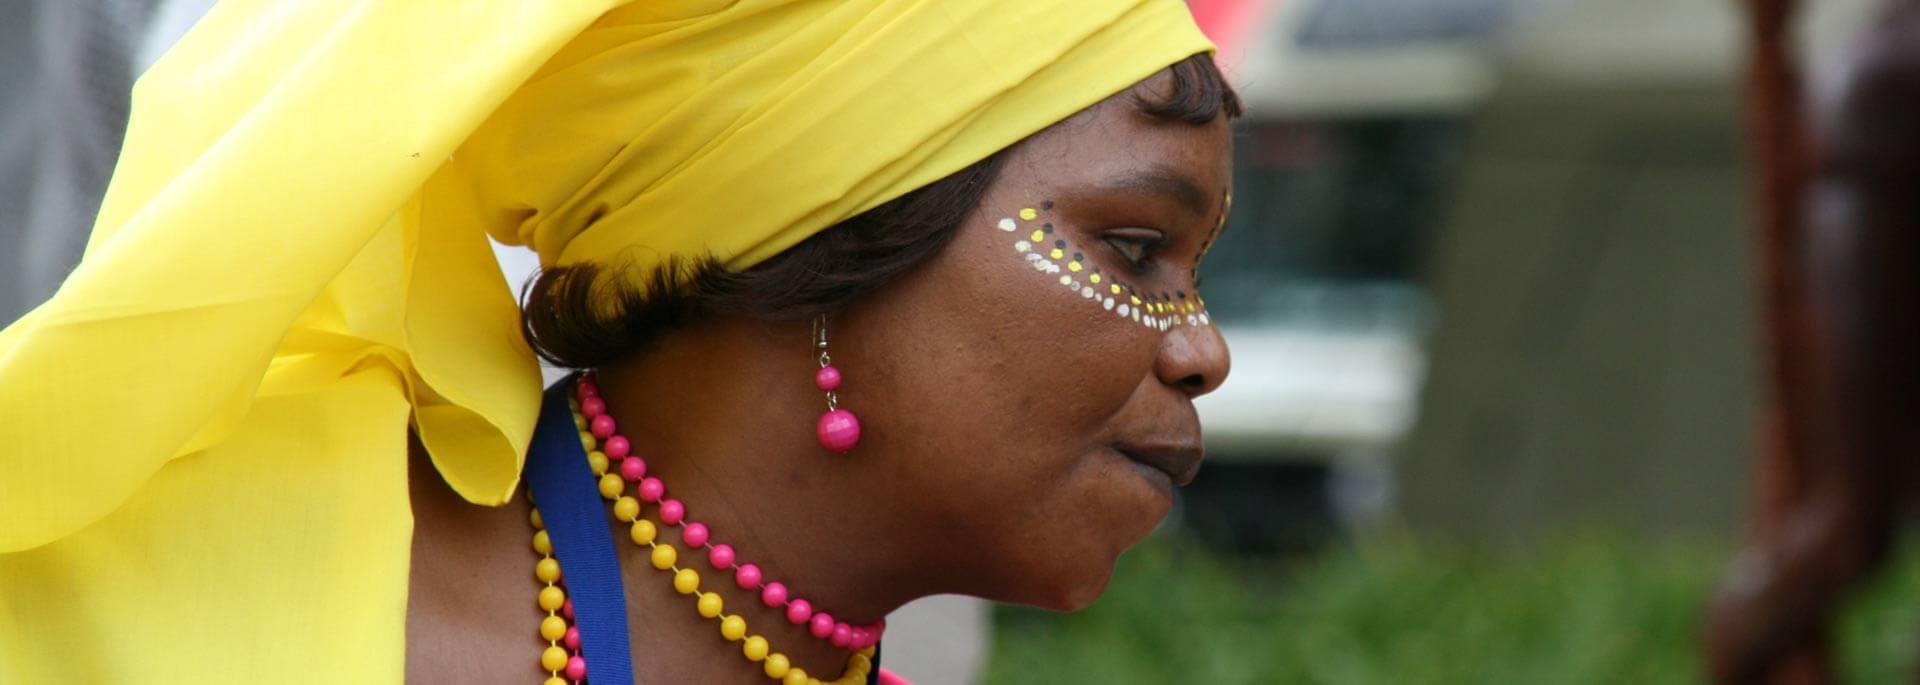 Löffelabgabeliste Afrika